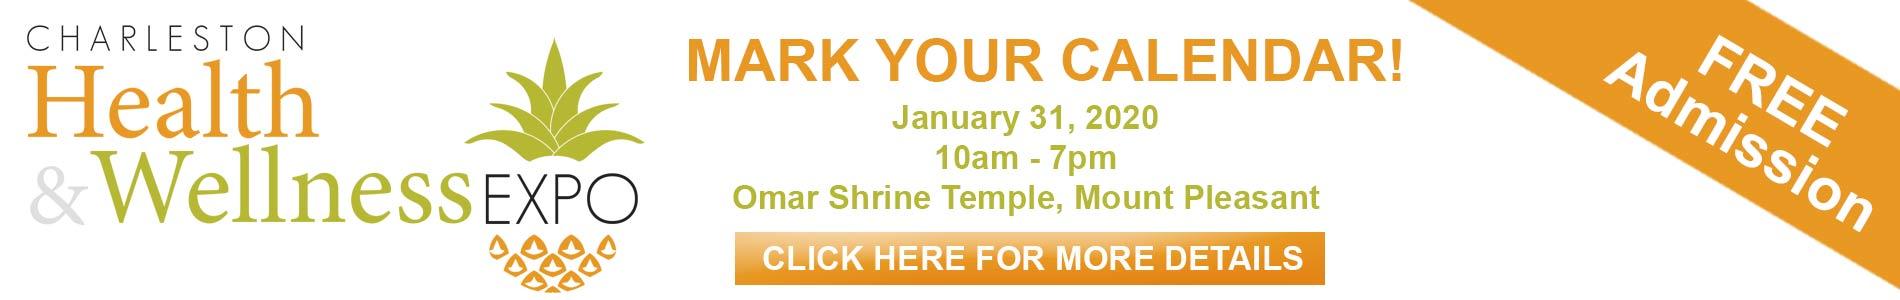 Mark your calendar for the 2020 Charleston Health & Wellness Expo